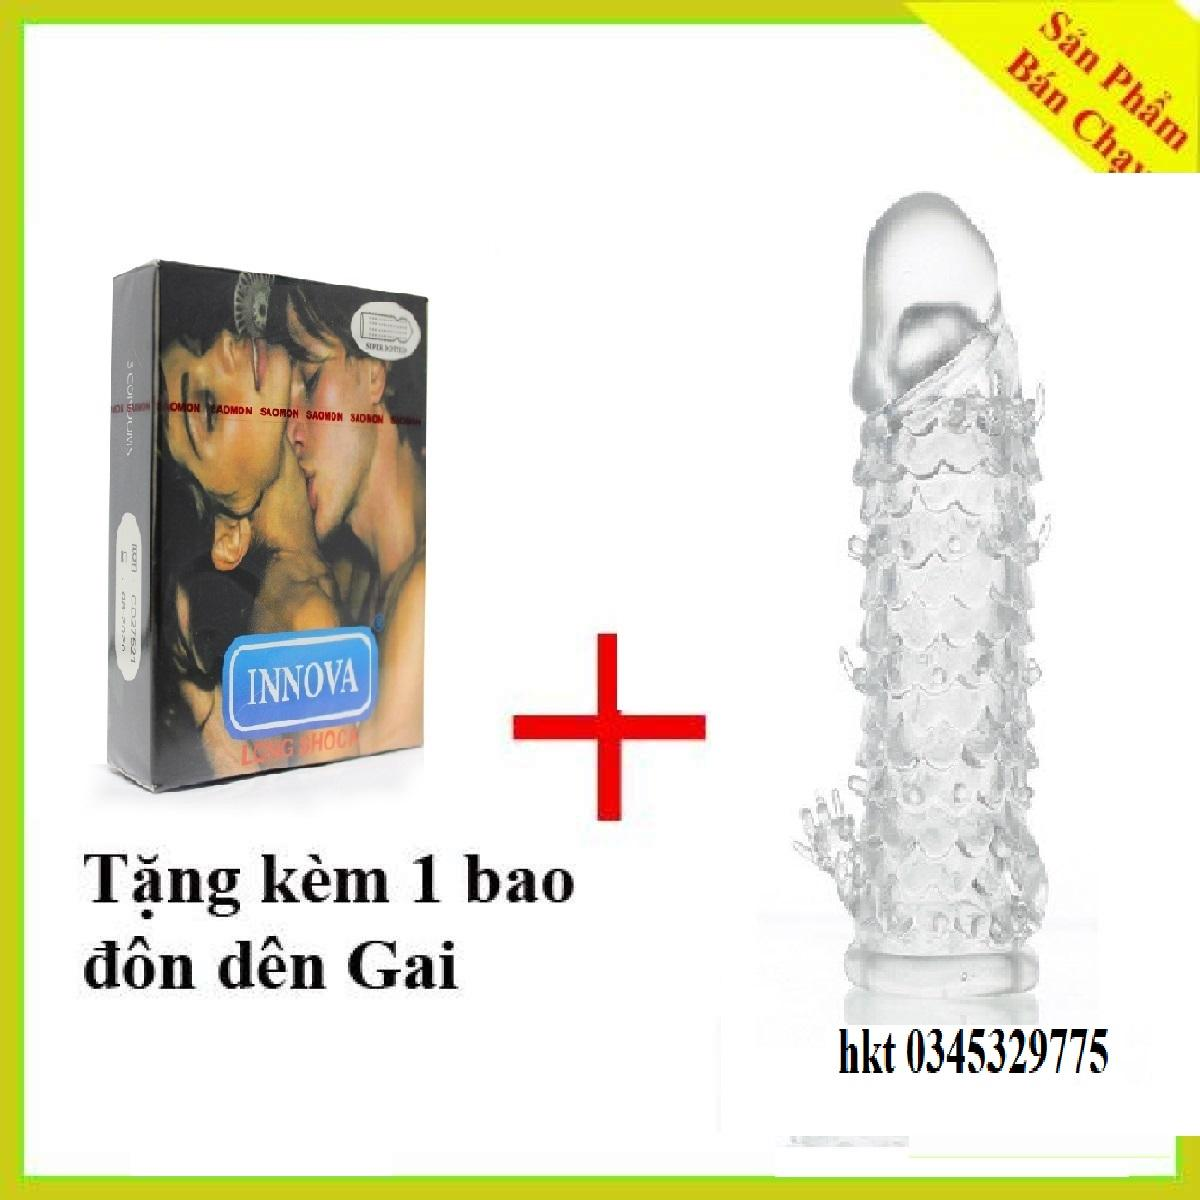 [MUA 1 Tang 1] Bao Cao Su INNOVA gân gai keo dai(3bCS) + Tang bao cao su đôn dên vẩy cá sử dụng nhiều lần